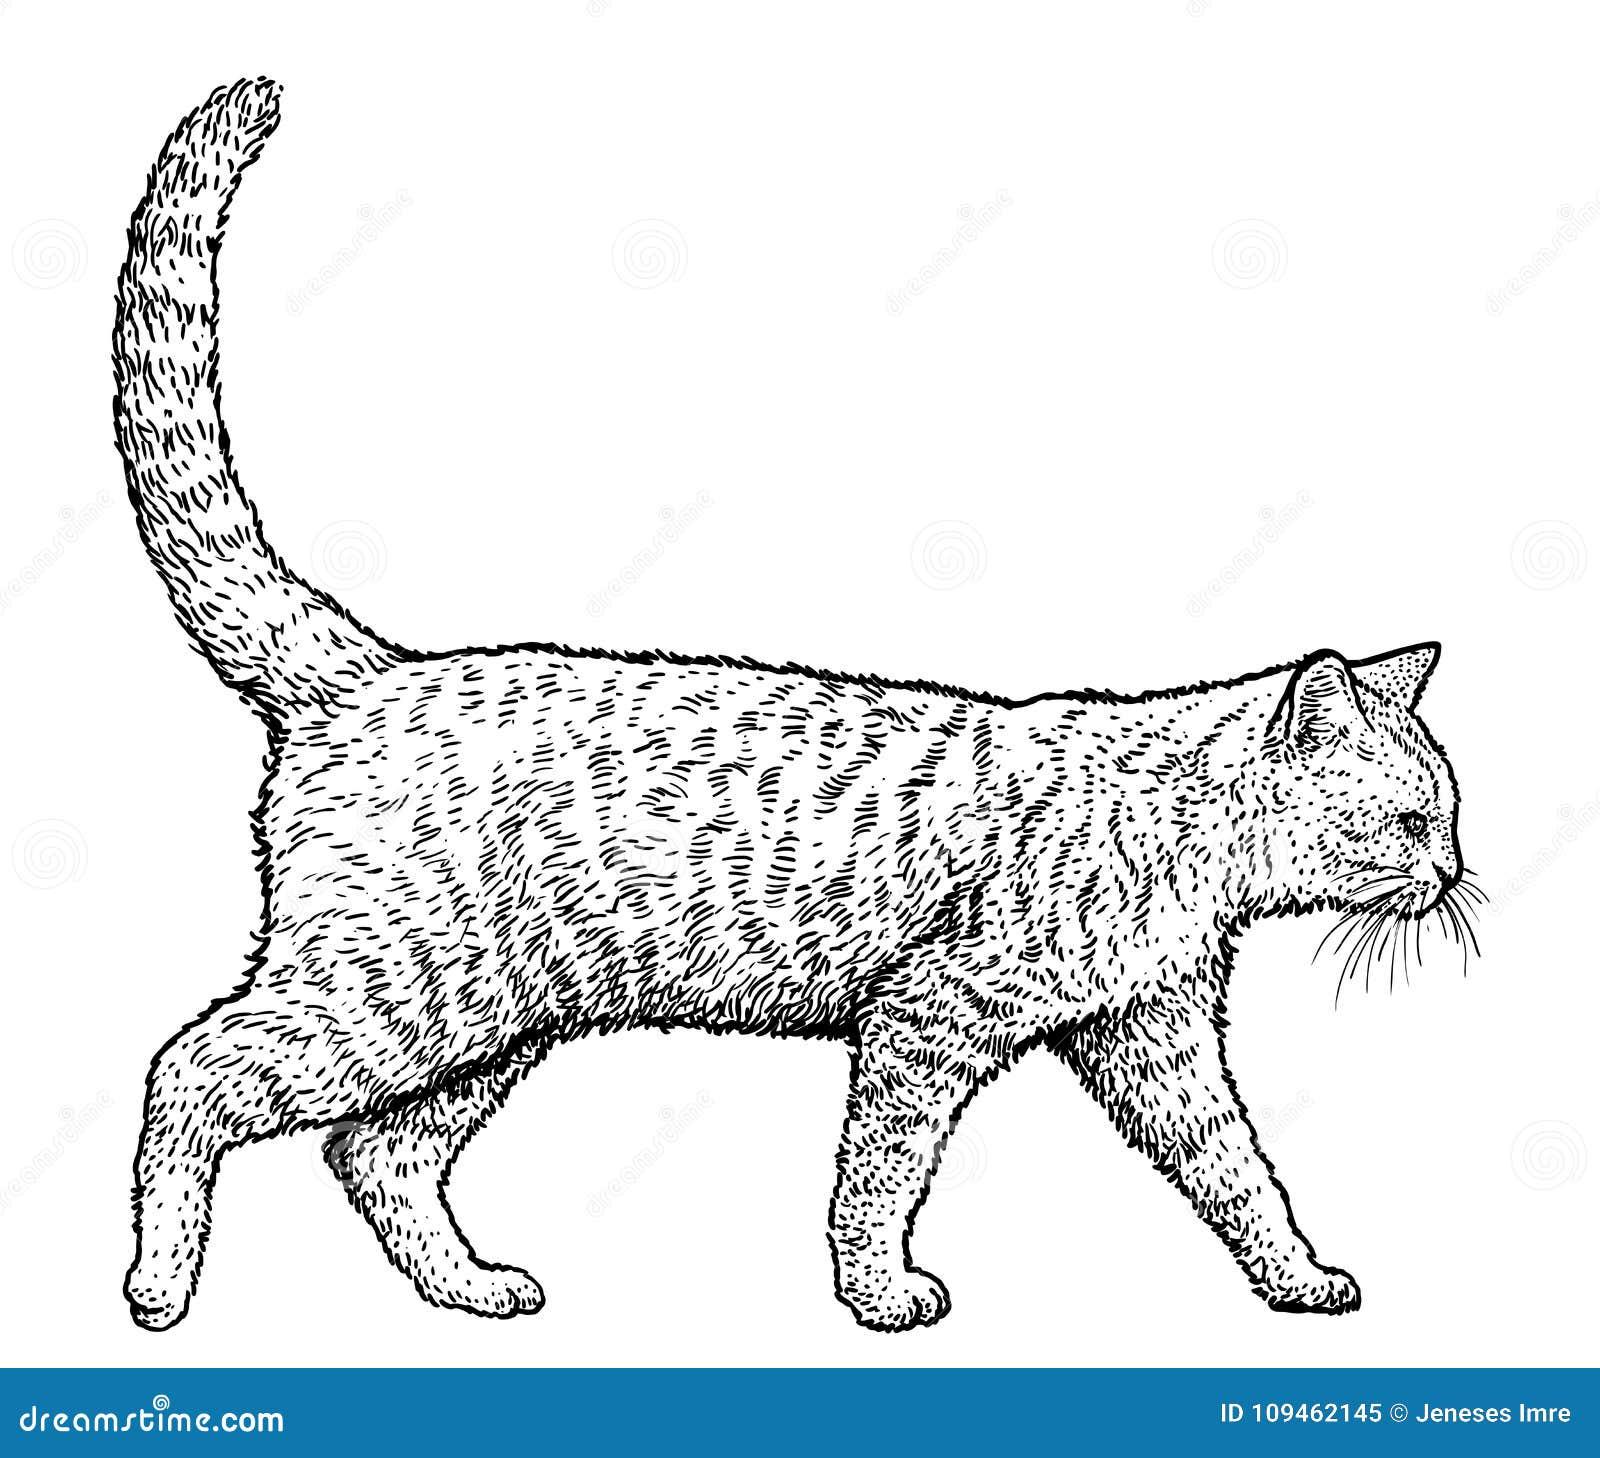 Illustrazione Di Camminata Del Gatto Disegno Incisione Inchiostro